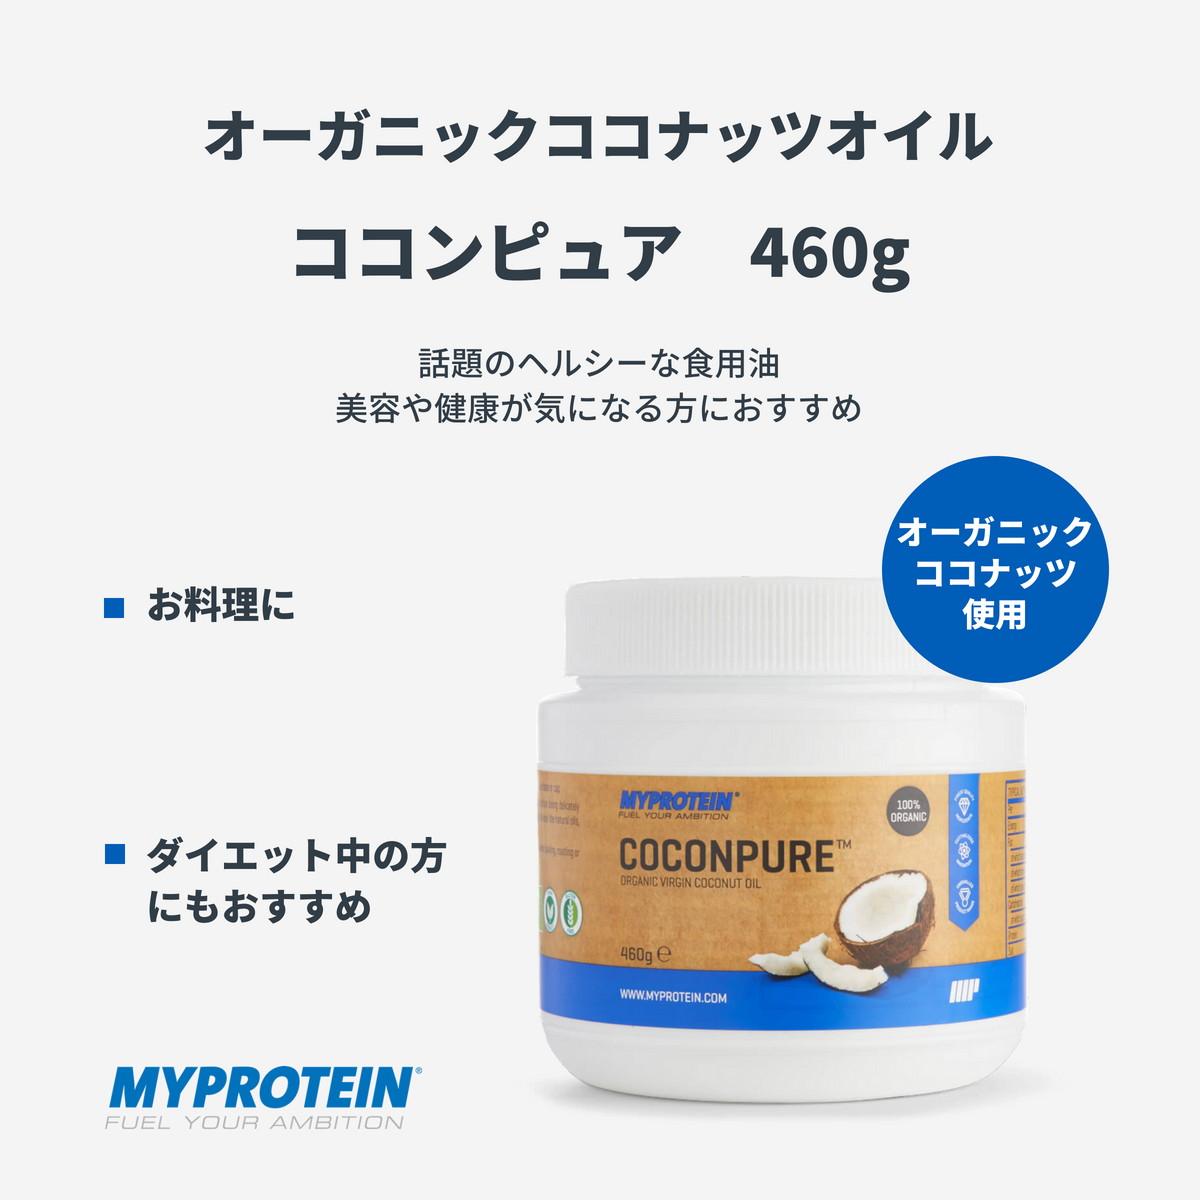 マイプロテイン 公式 【MyProtein】 ココナッツオイル 460g| ココナッツ油 MTCオイル ヘルシー